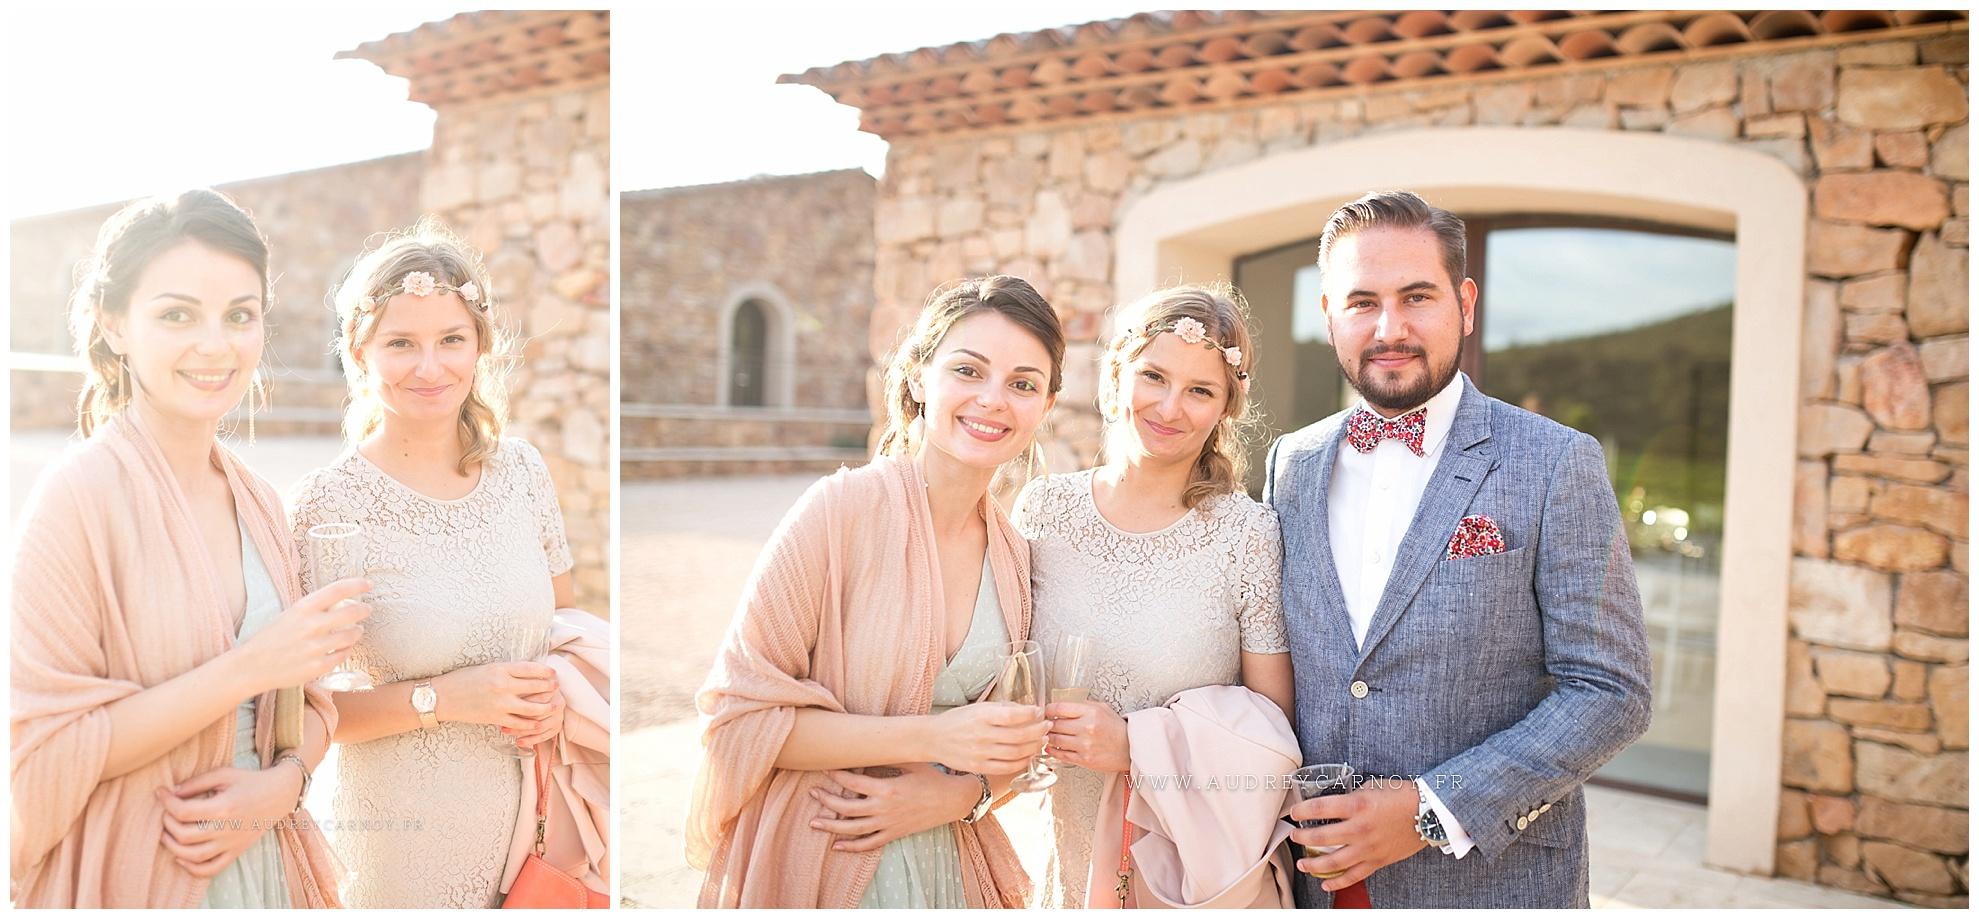 Mariage au domaine de la Bouverie - Roquebrunes sur Argens | Sophie & Nicolas 49